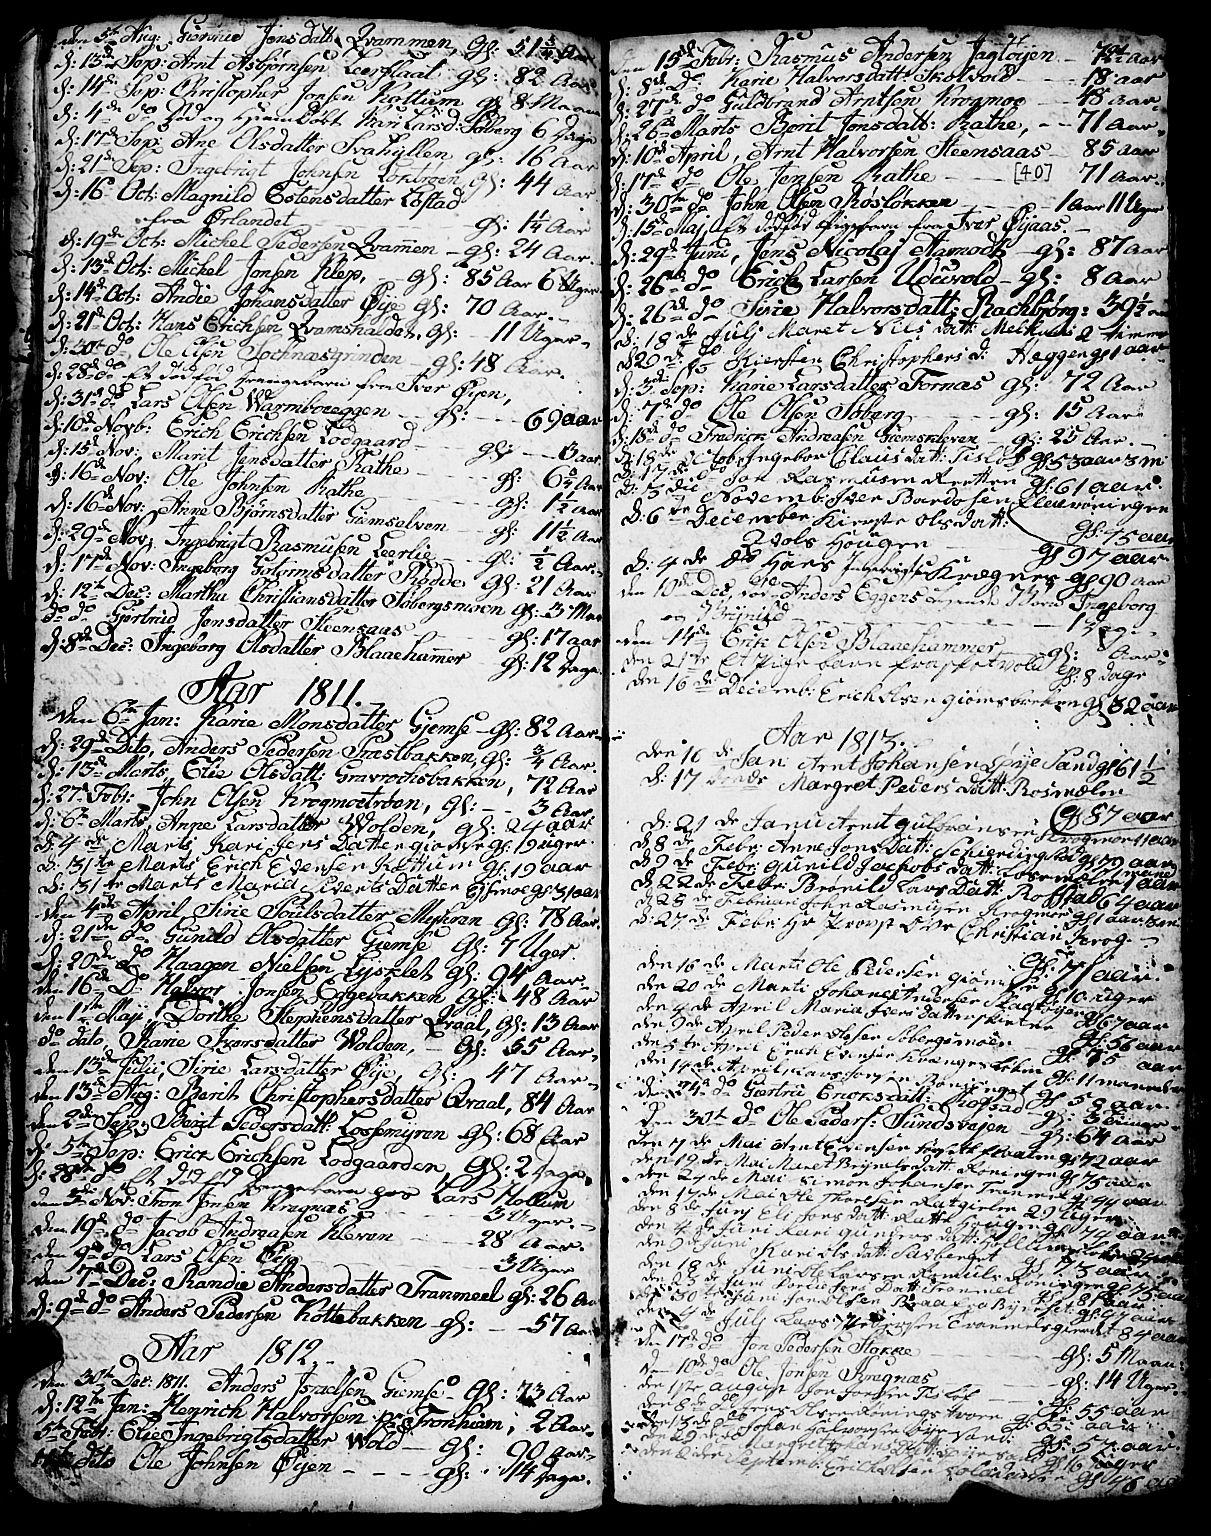 SAT, Ministerialprotokoller, klokkerbøker og fødselsregistre - Sør-Trøndelag, 691/L1091: Klokkerbok nr. 691C02, 1802-1815, s. 40